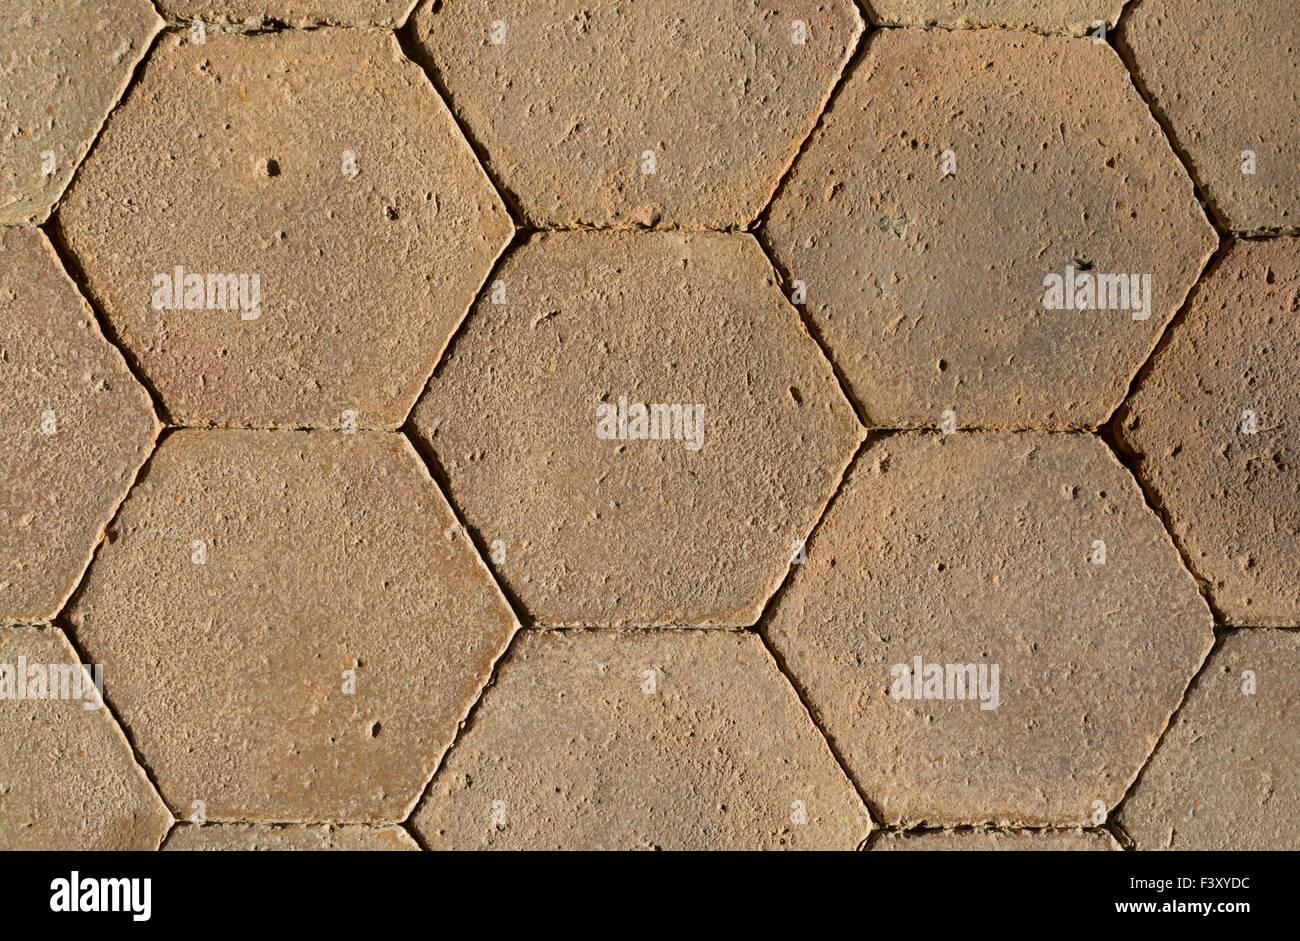 Piastrelle A Nido Dape : Primo piano dello schema a nido d ape piastrelle foto immagine